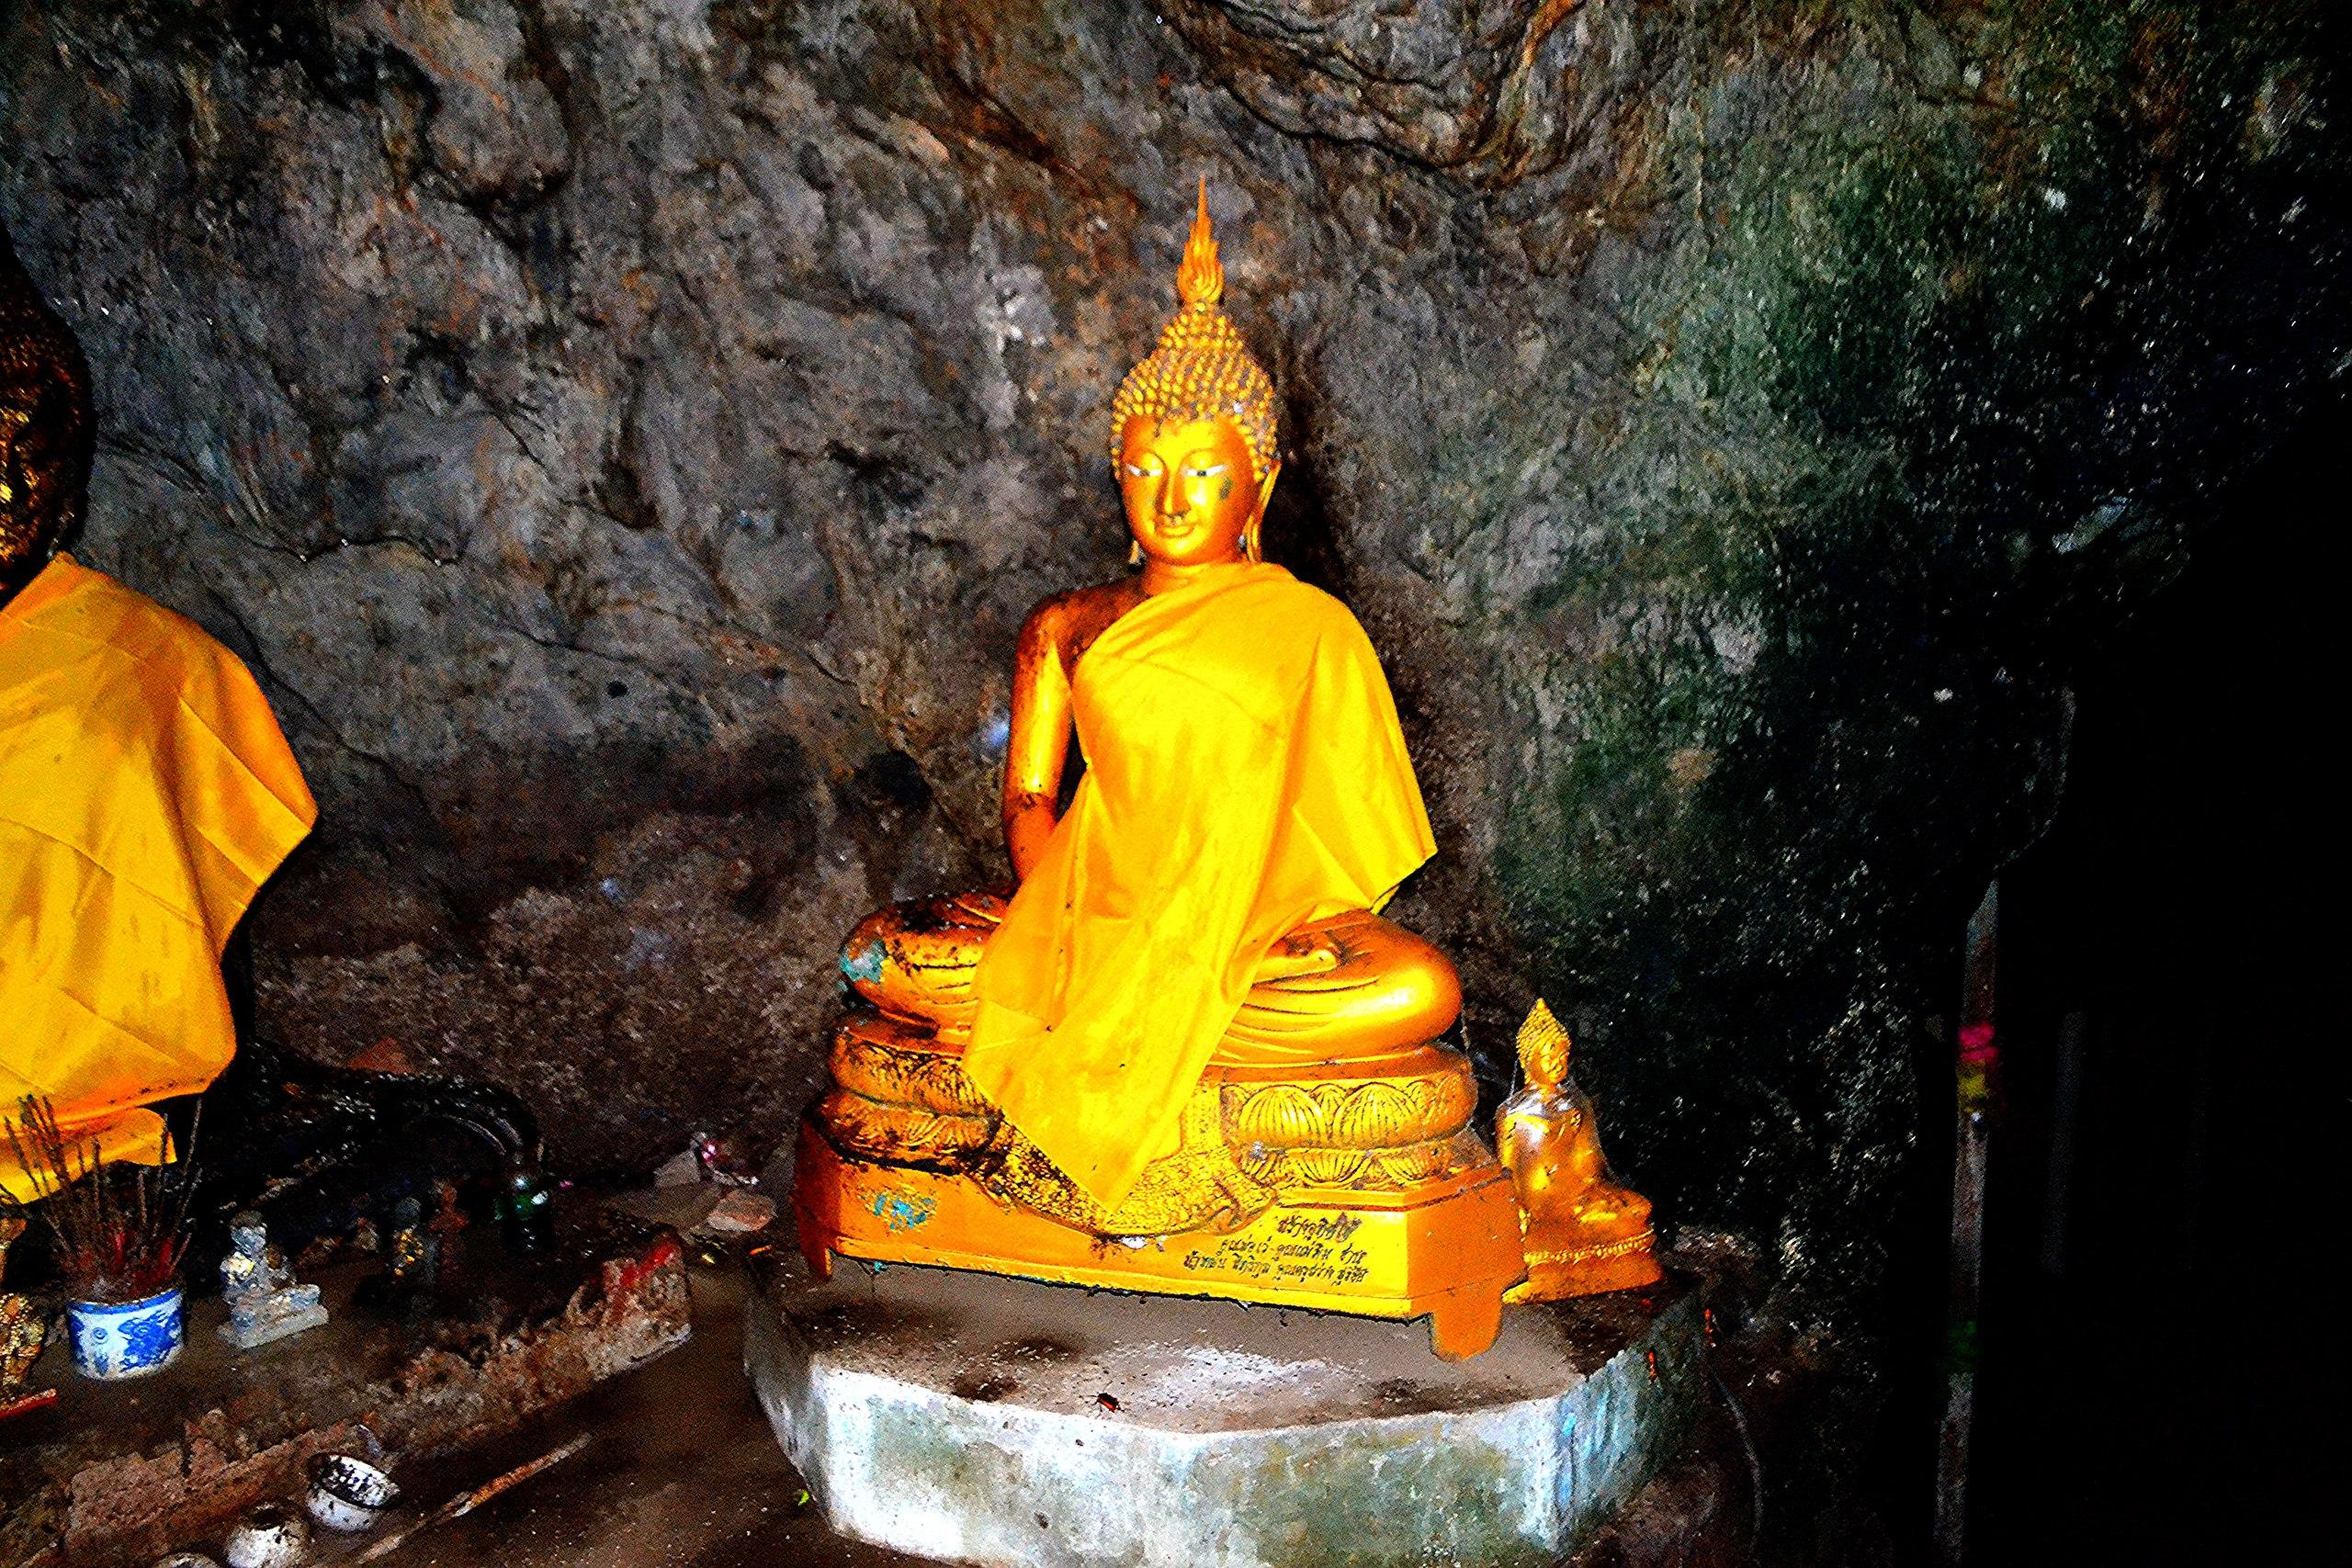 Елена Руденко (Валтея). Таиланд. Таиланд. Paтчaбуpи: Пещера страха, Пещера мышей, Буддийский храм 56YZKA-6wmg